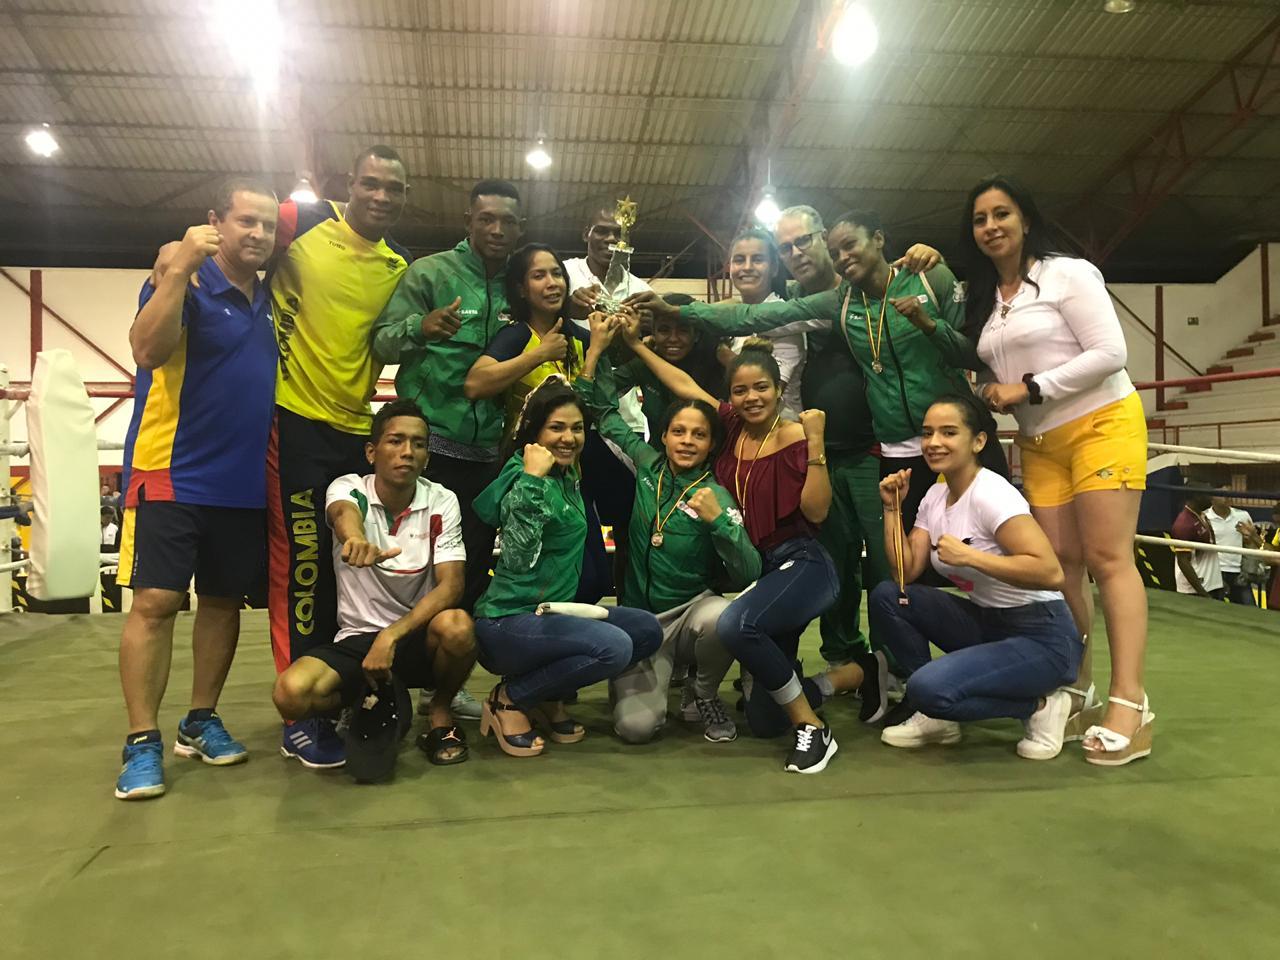 Foto cortesía: Roberto Iznaga / Liga de Boxeo de Boyacá.